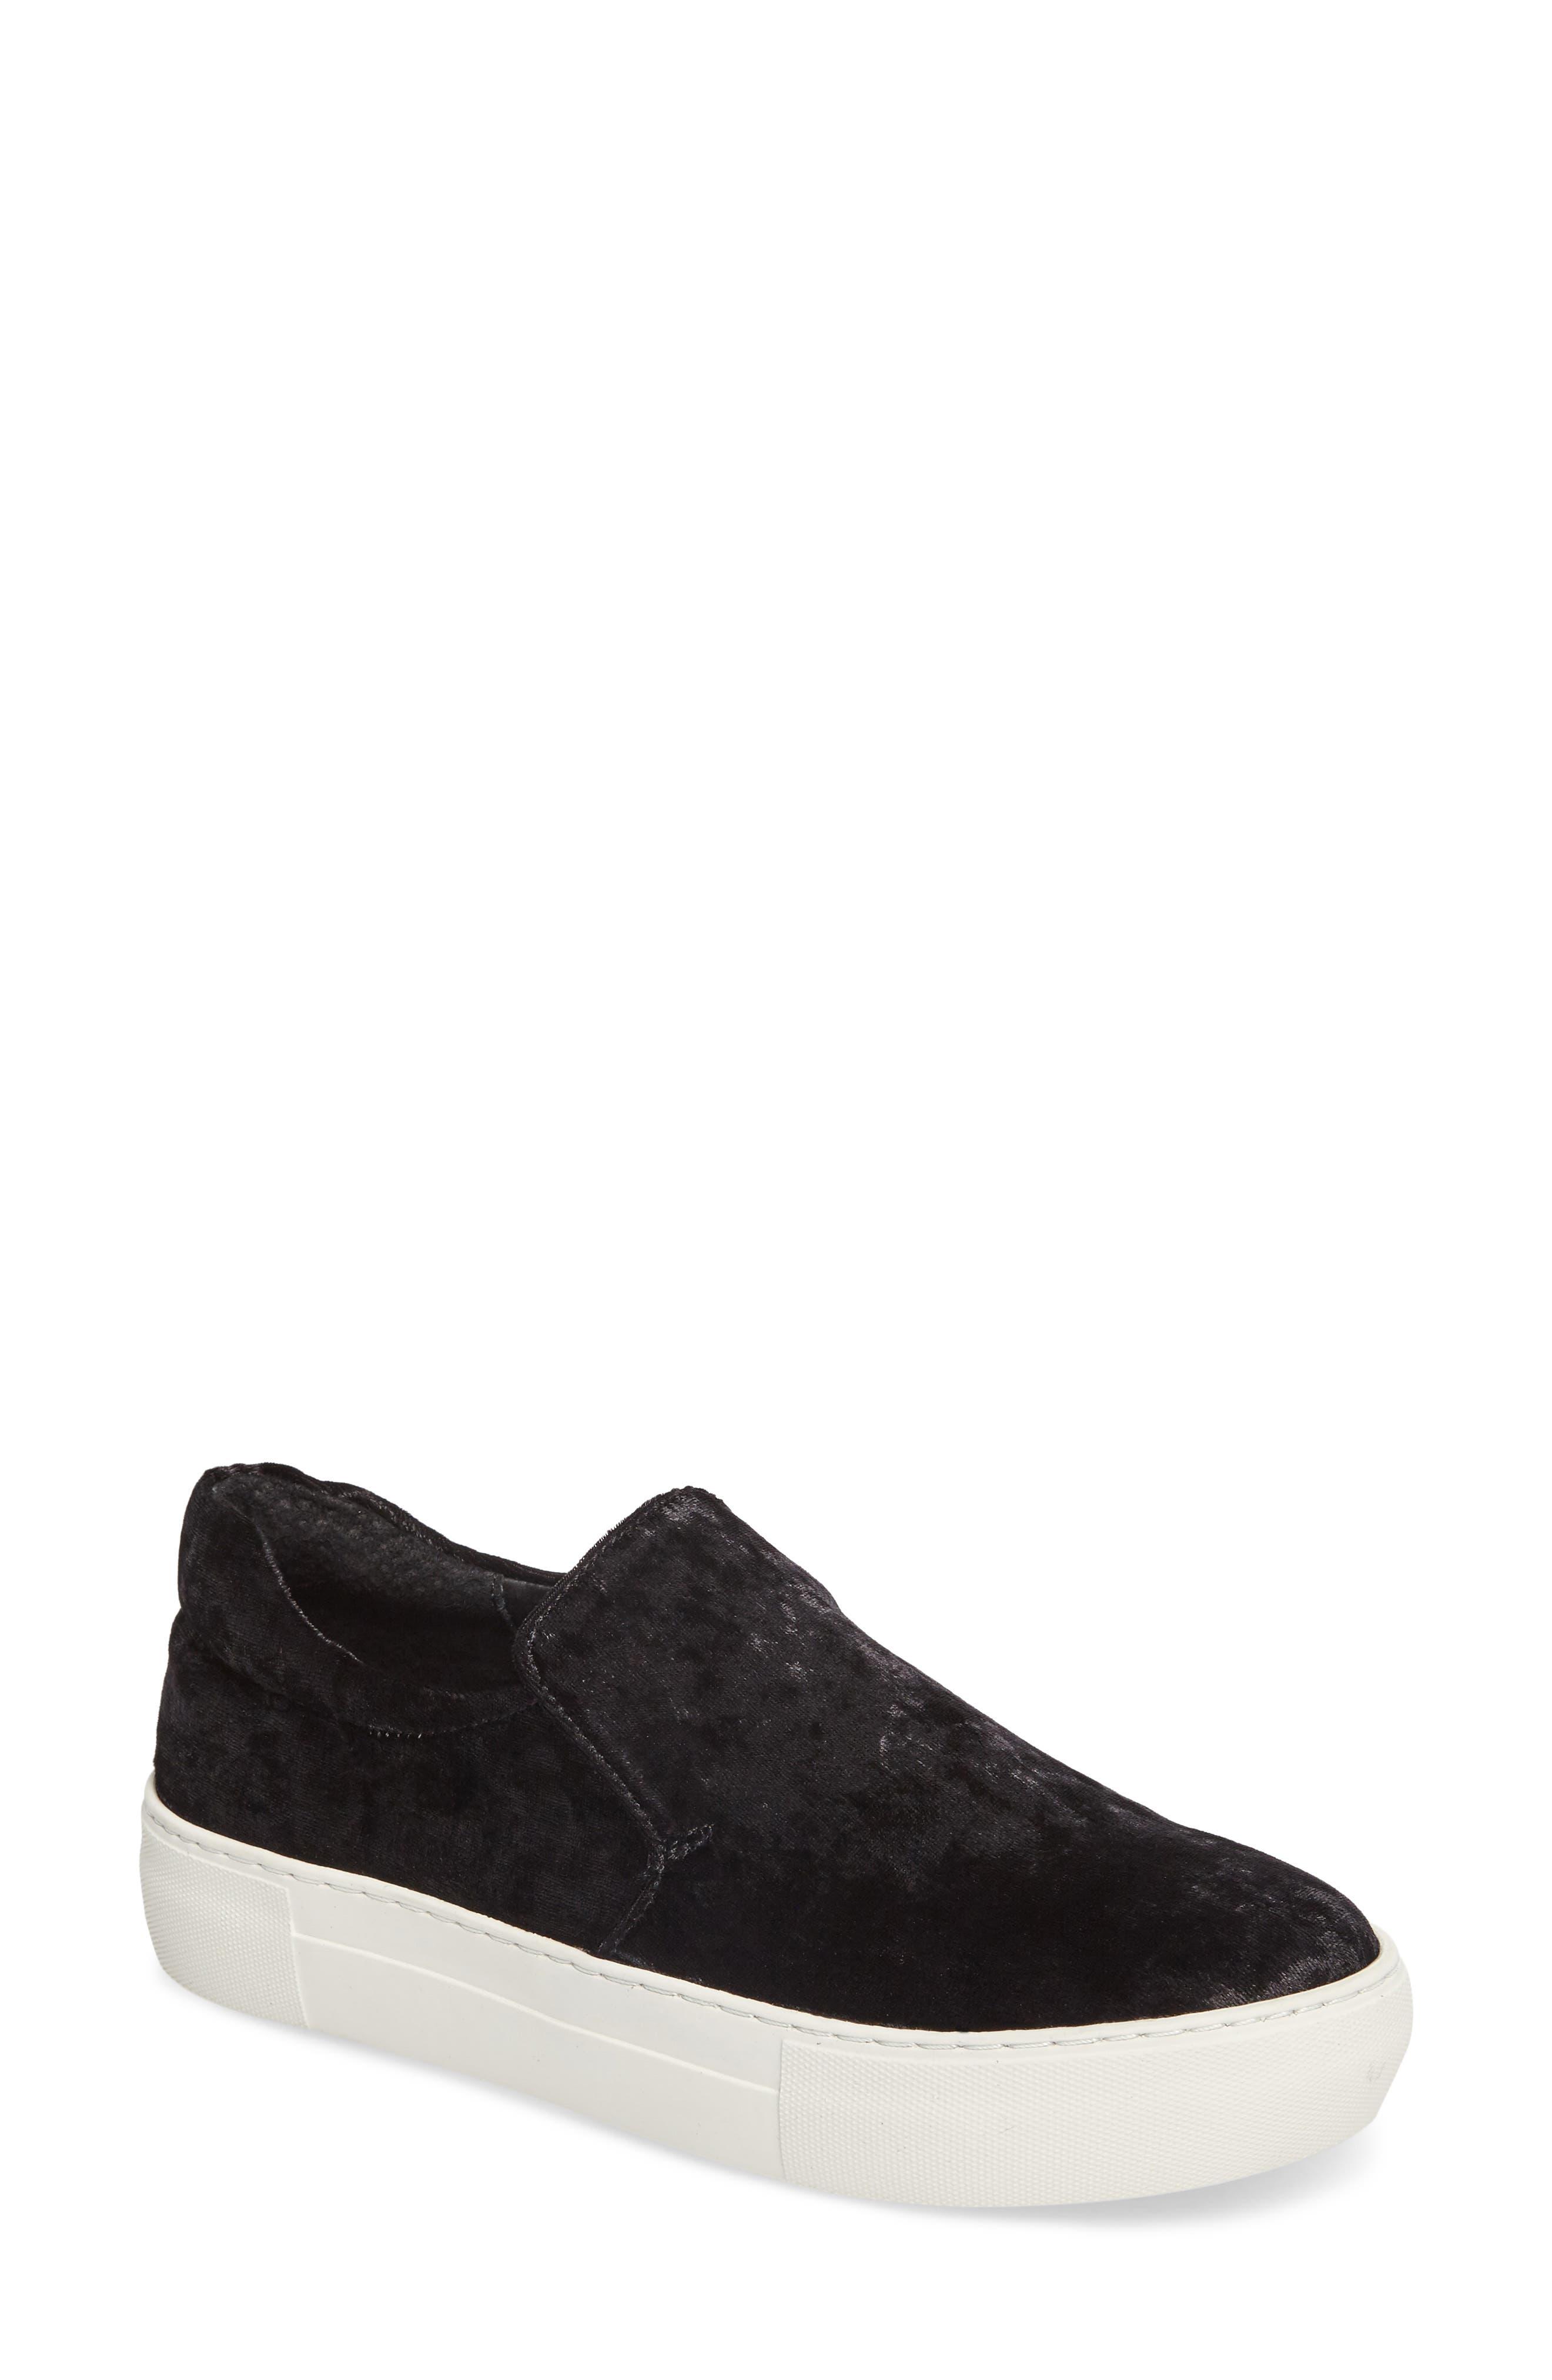 Alternate Image 1 Selected - JSlides Acer Slip-On Sneaker (Women)